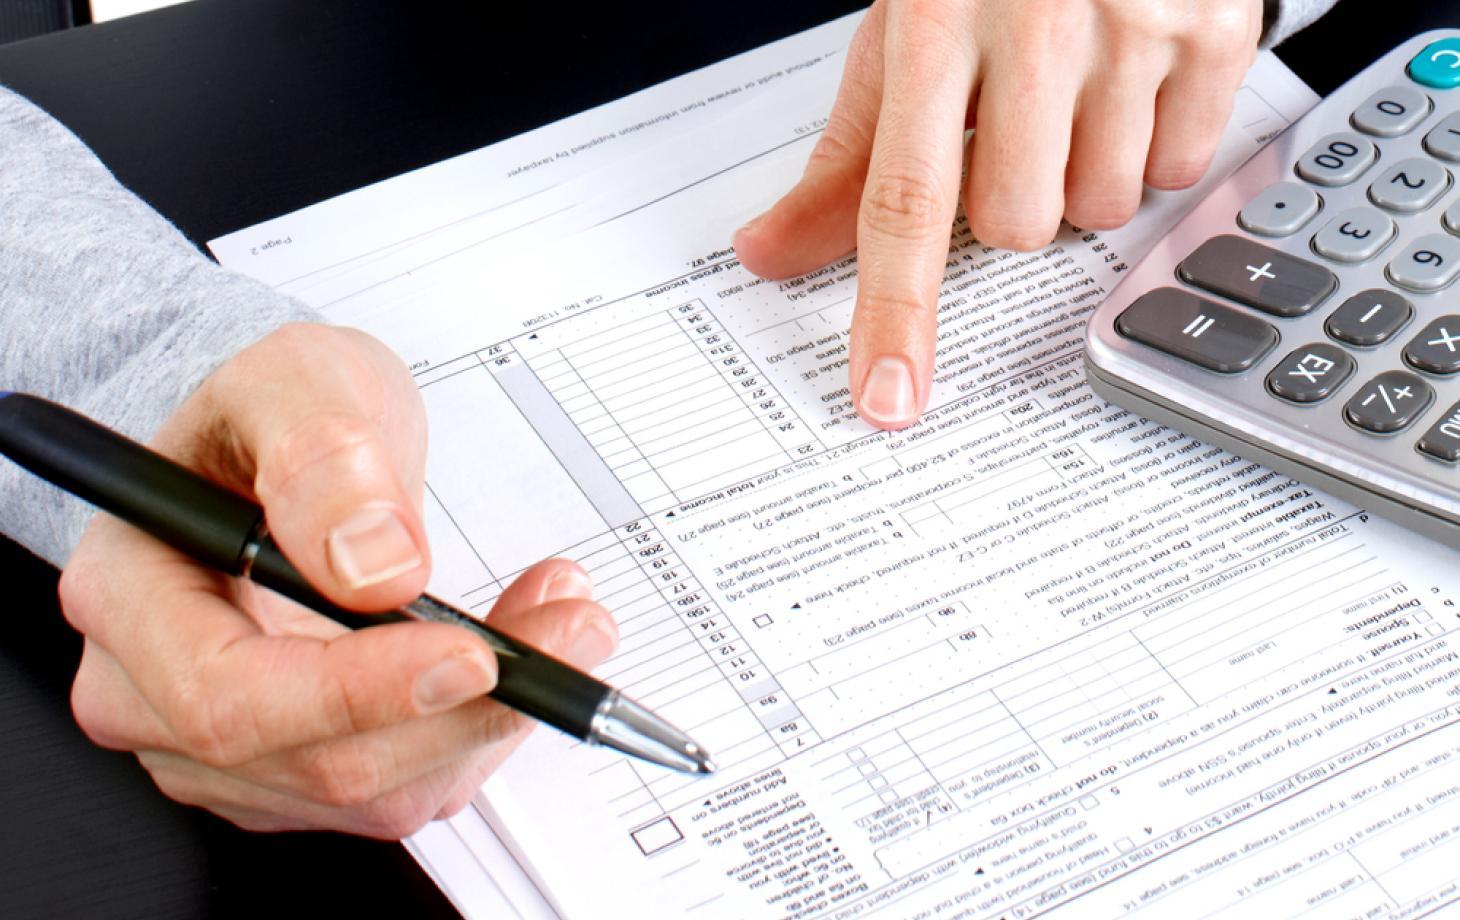 2 мая – последний день для подачи деклараций о доходах: как будет работать налоговая в предстоящие дни